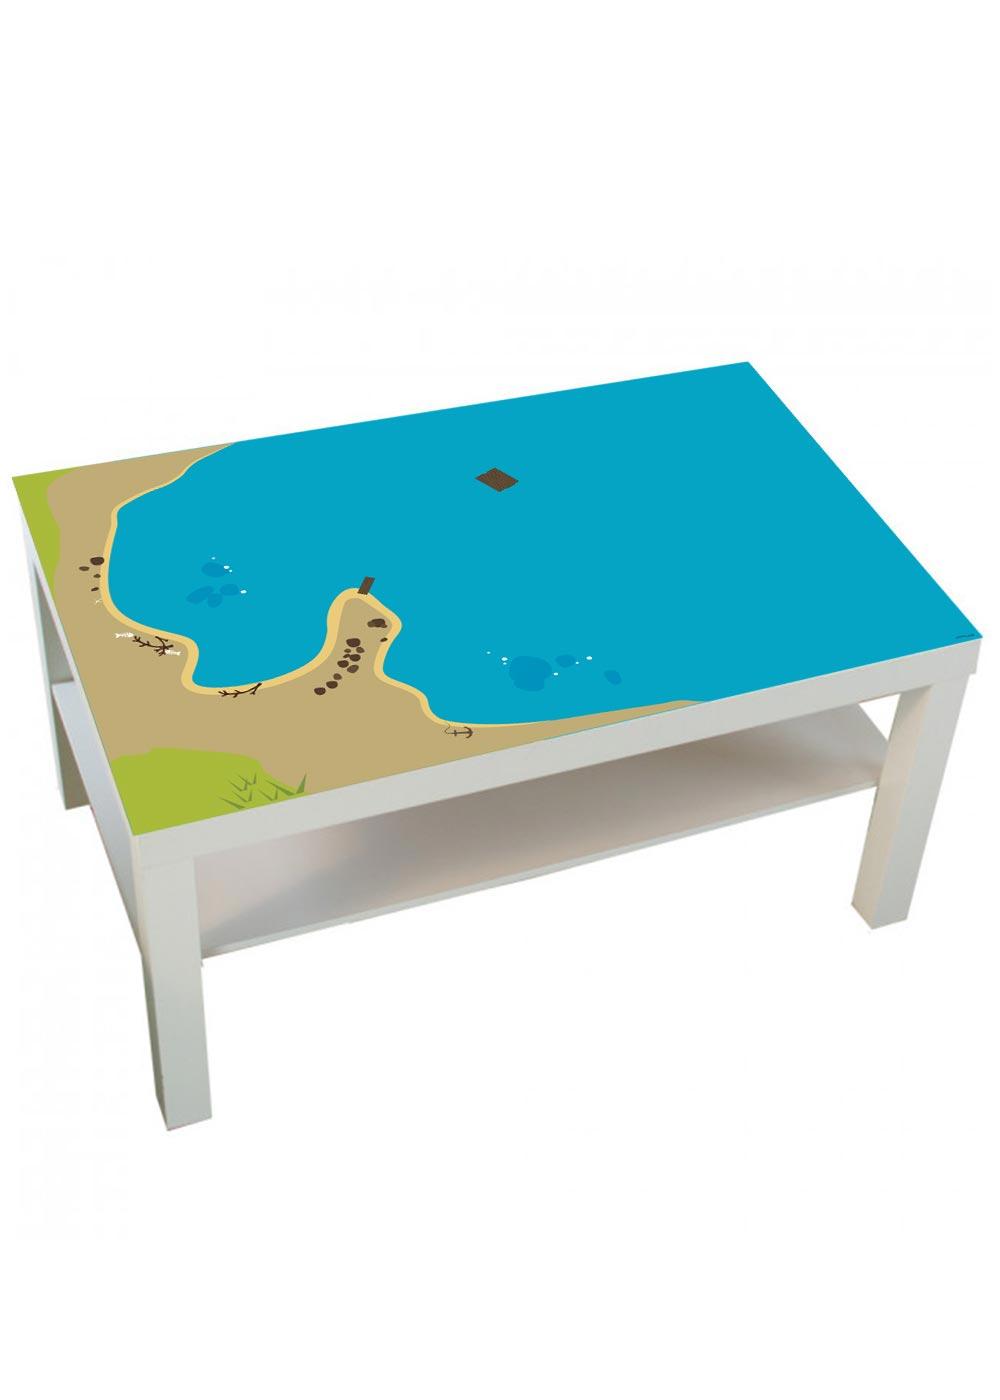 Ikea Lack Couchtisch Wasserreich 55x90 Komplettansicht